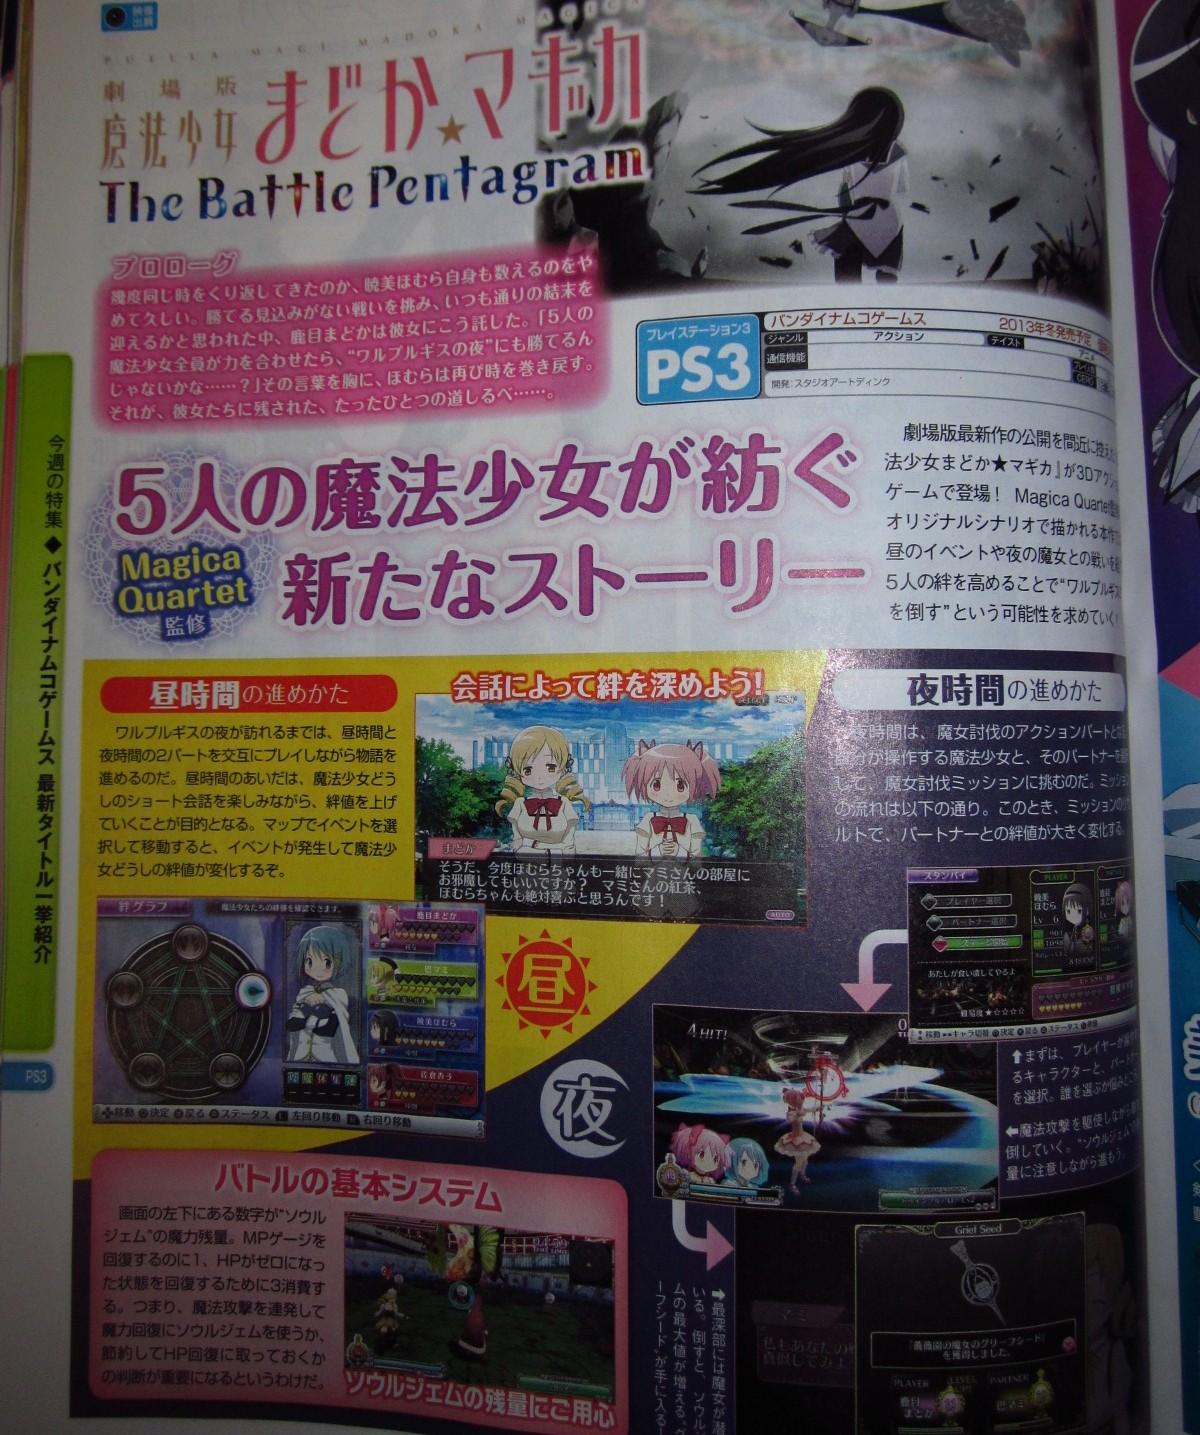 劇場版 魔法少女まどか☆マギカ The Battle Pentagram 01